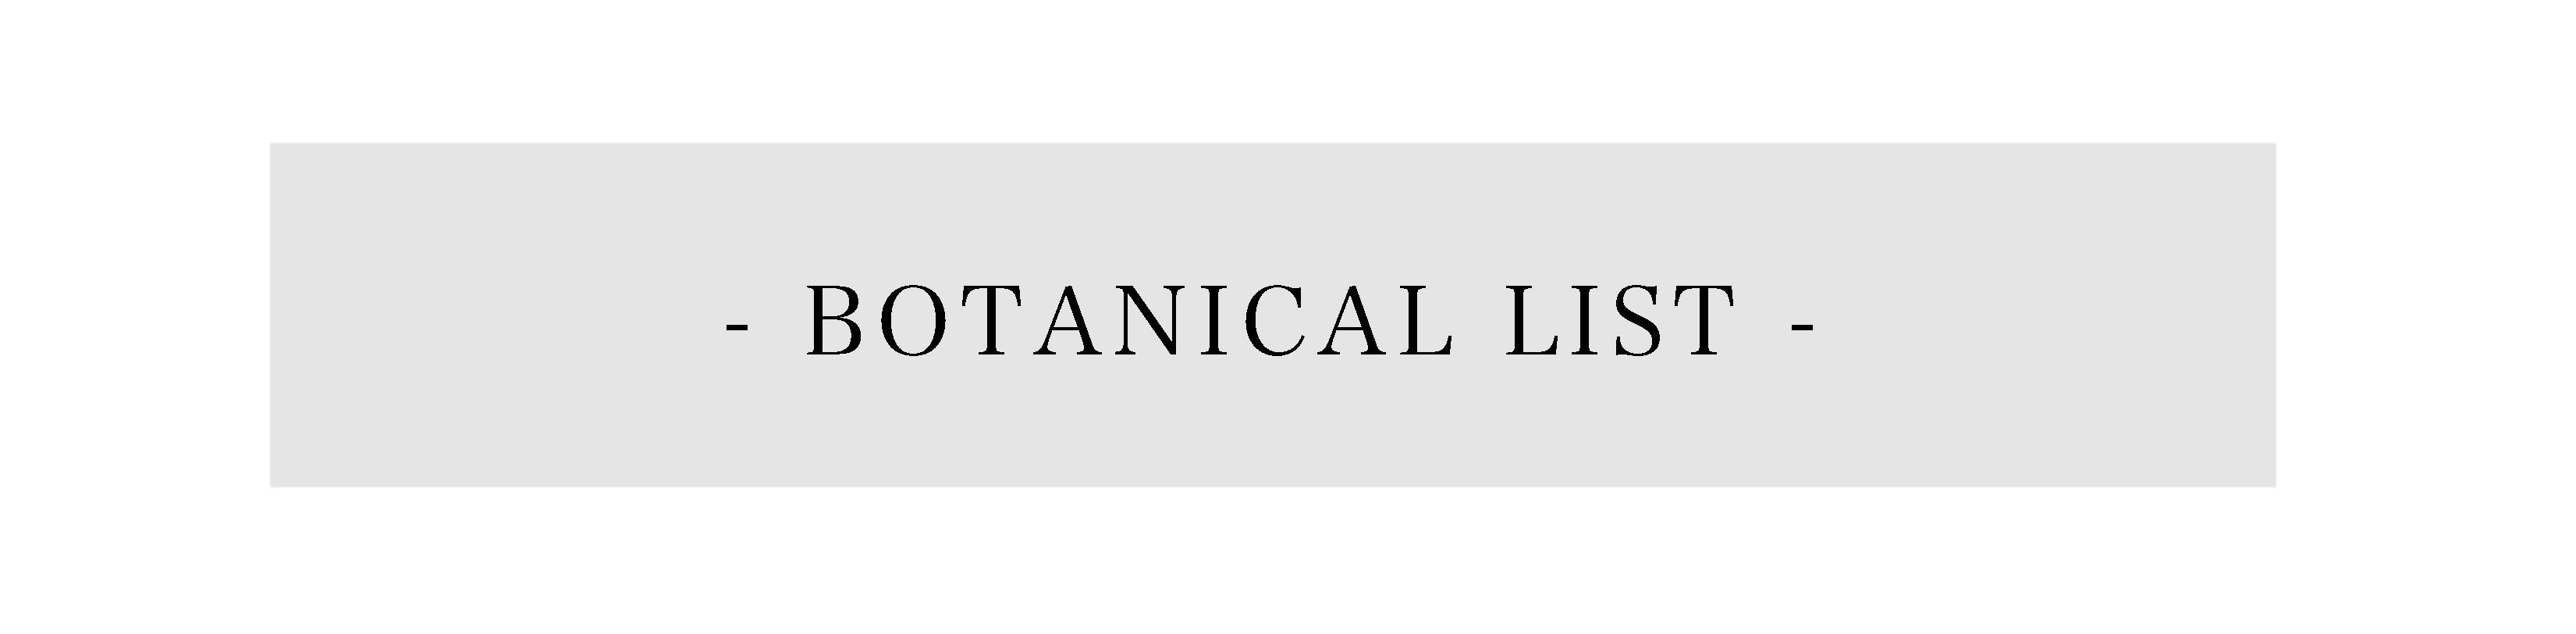 - BOTANICAL LIST -2